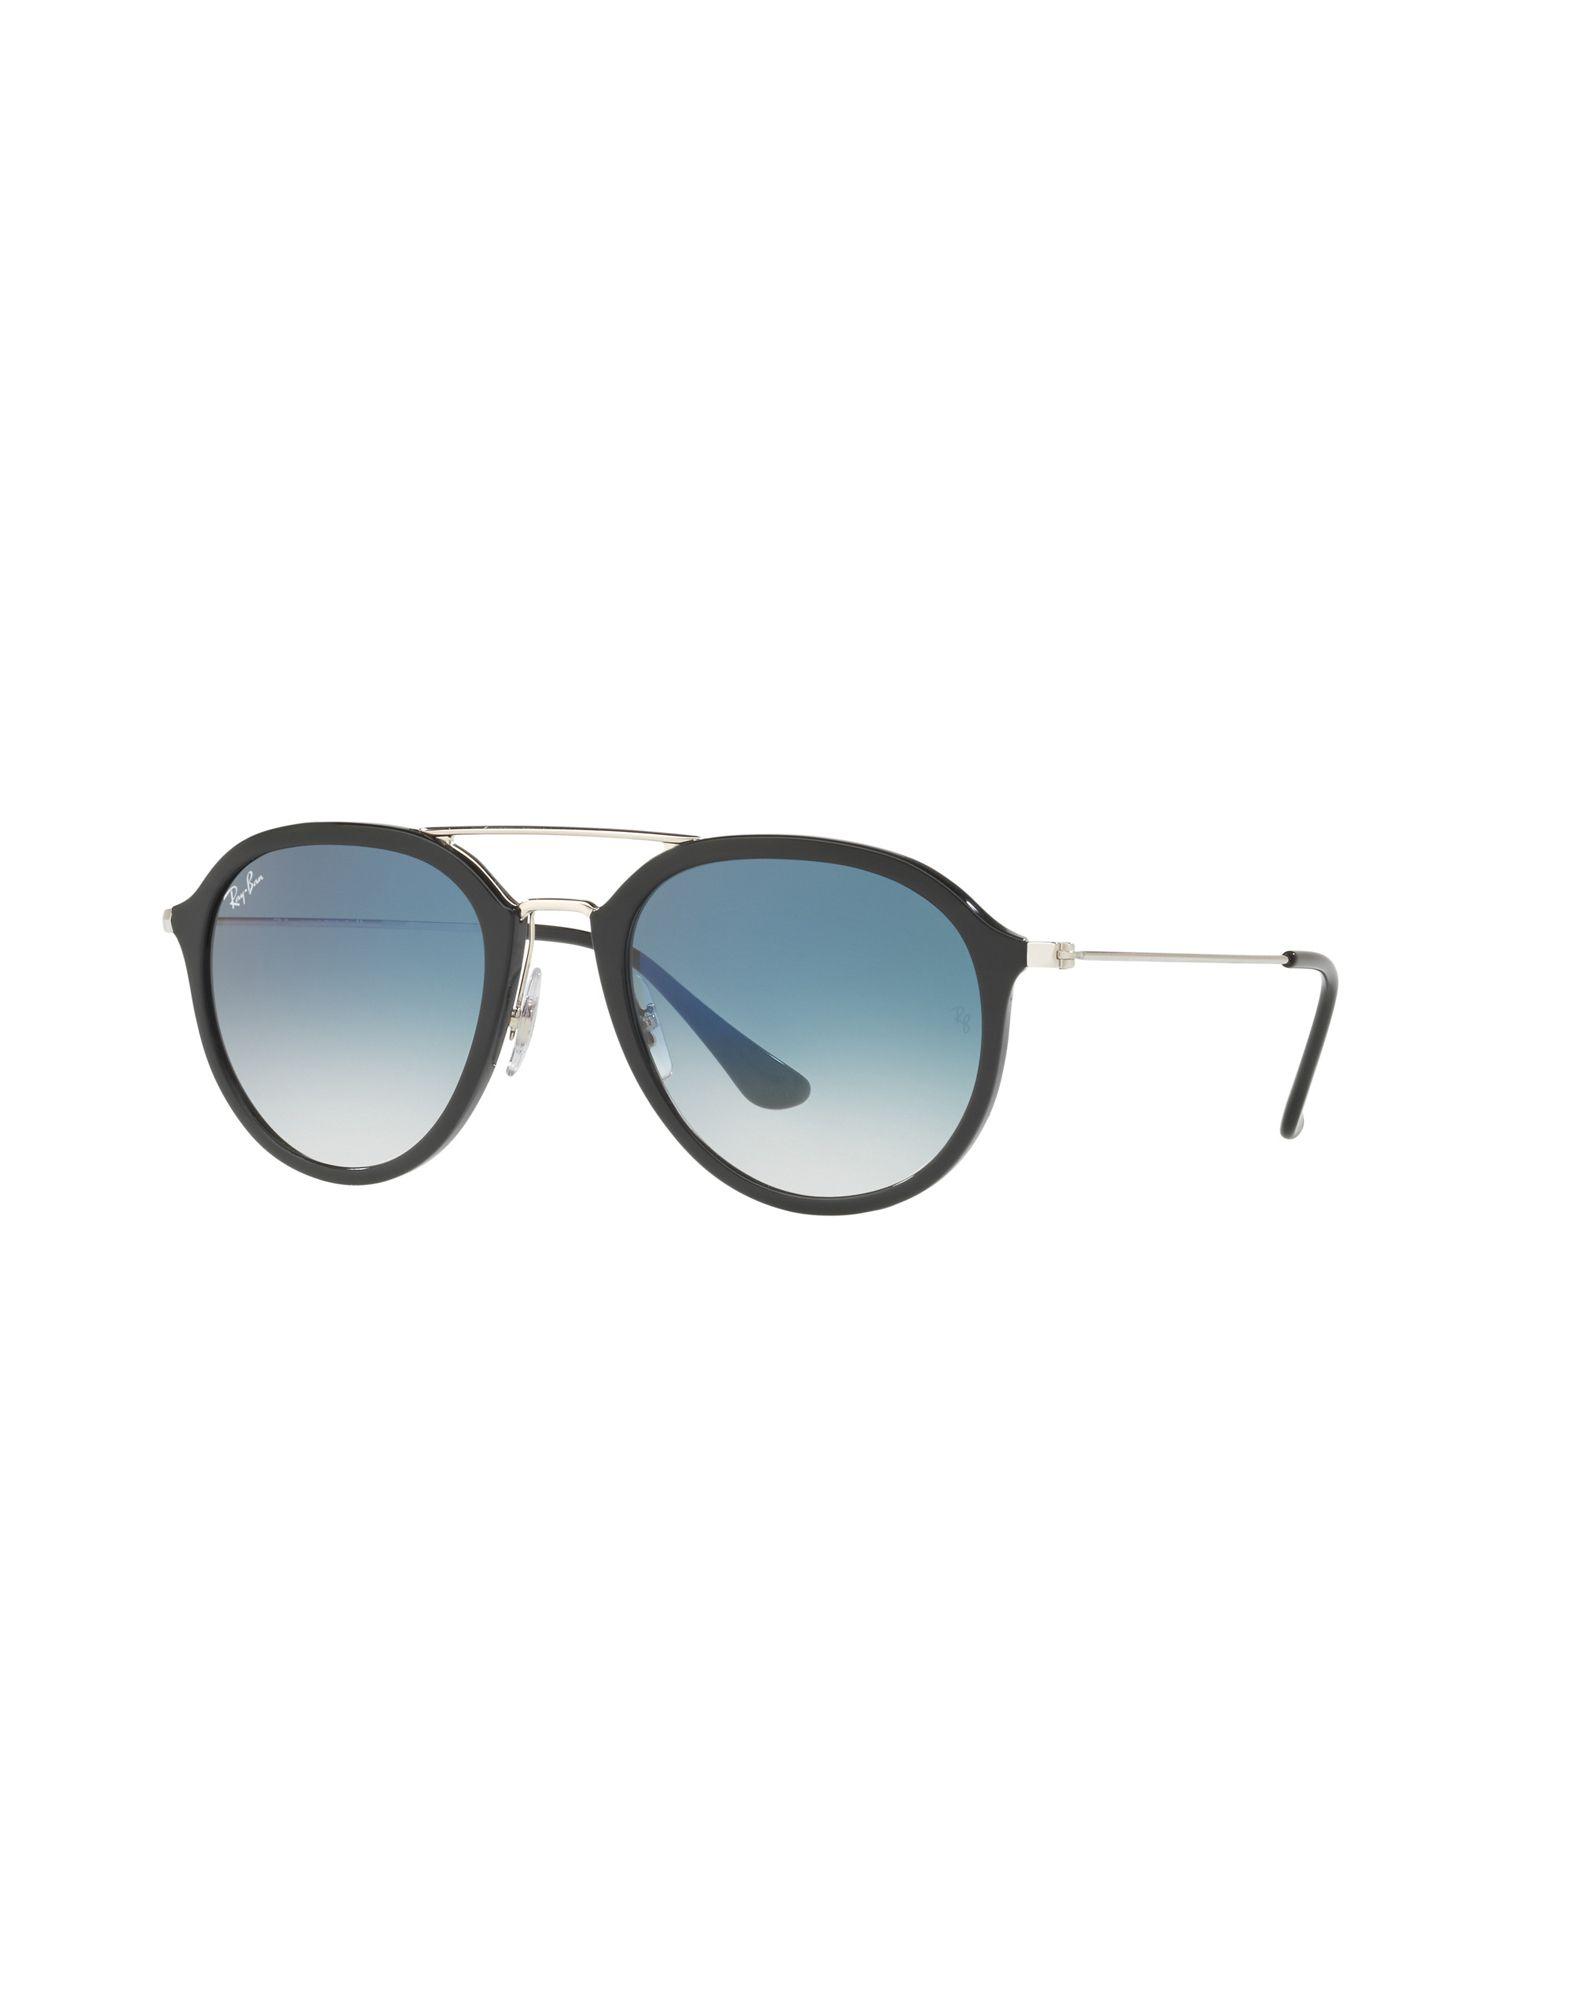 Occhiali Da Sole Ray-Ban Rb4253 - Uomo - Acquista online su